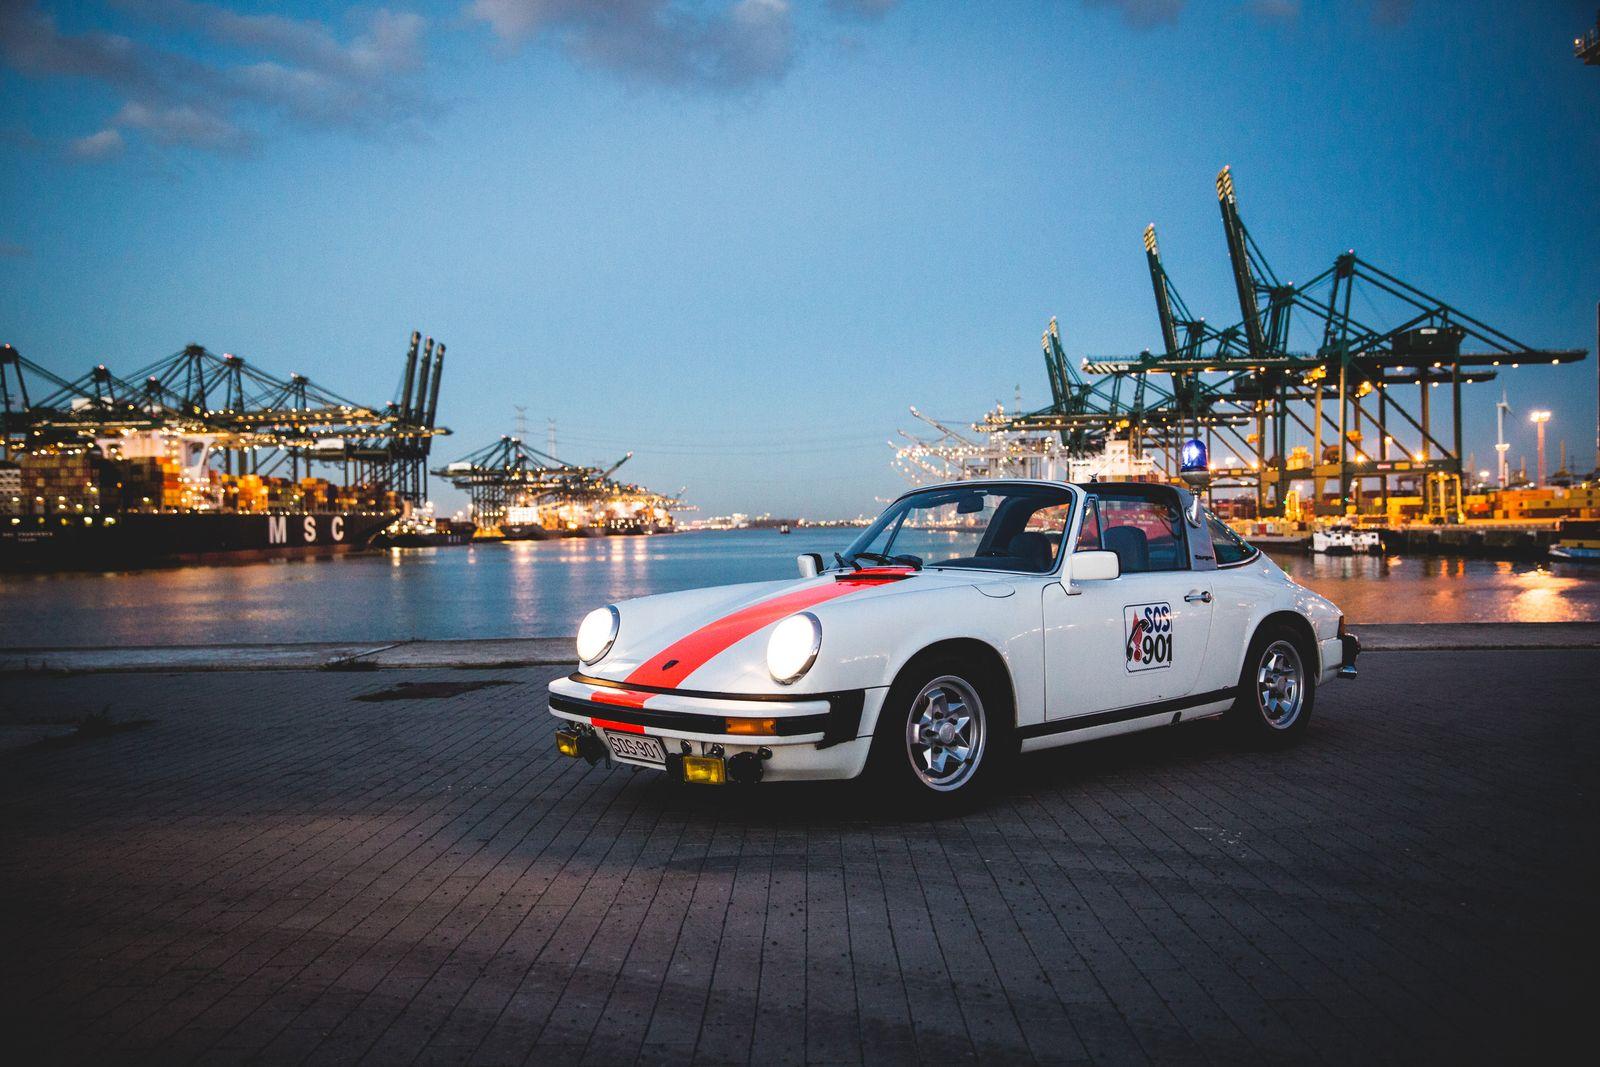 1976 Porsche 911 Carrera 2.7 MFI Targa Belgian Gendarmerie